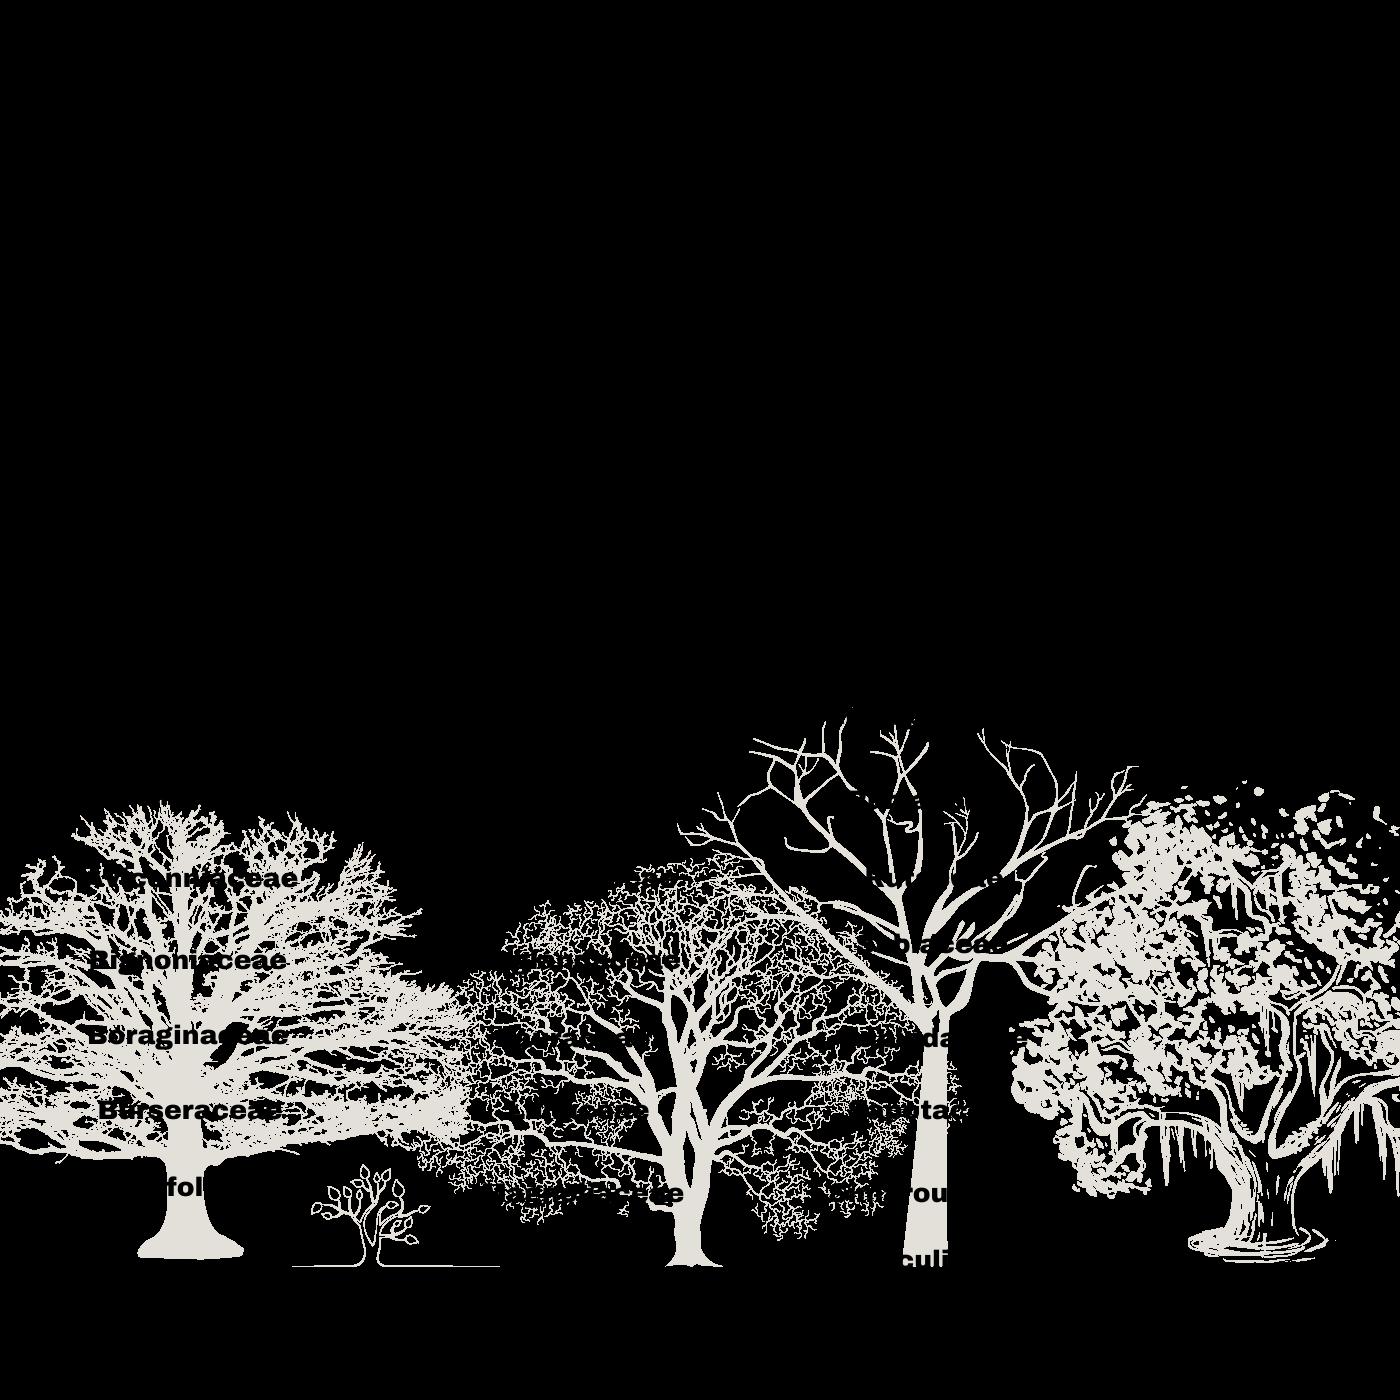 Los Espacios Verdes El Compromiso Con La Arborización. Especies amenazadas en peligo. Infografía. Roberto d'Aubuisson. 2021